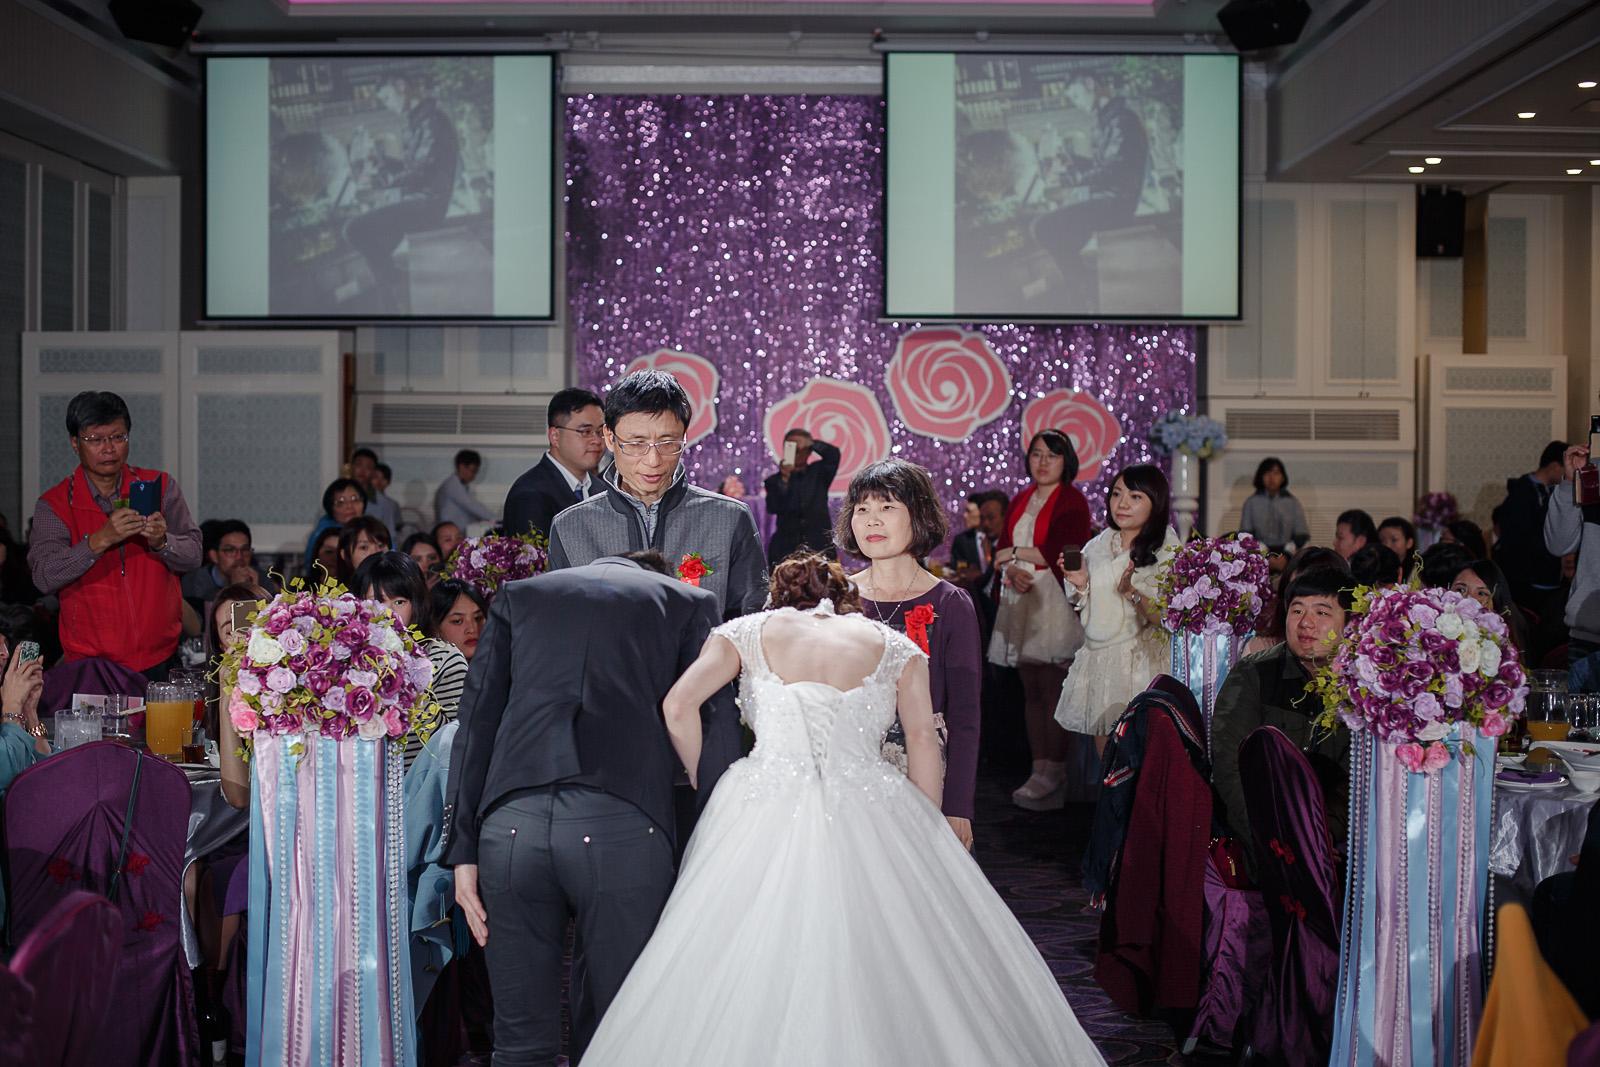 高雄圓山飯店,婚禮攝影,婚攝,高雄婚攝,優質婚攝推薦,Jen&Ethan-253